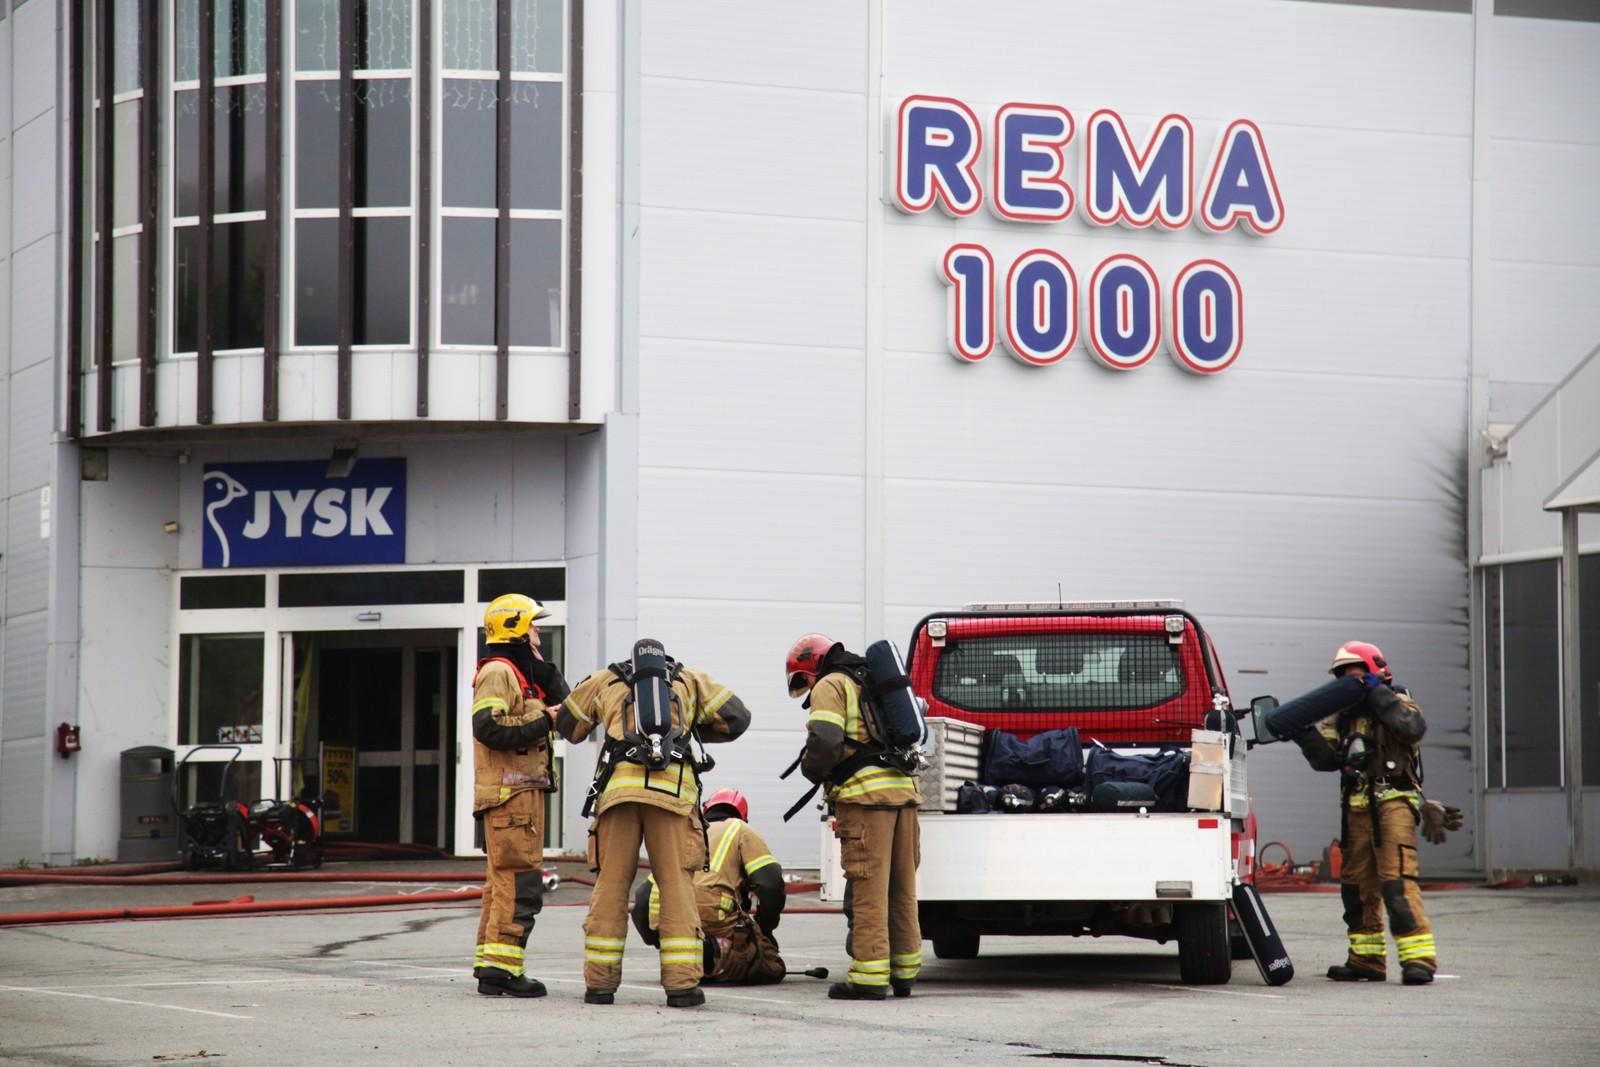 Driftsdirektør for Jysk, Arne Gåssand, sa onsdag kveld at han er lettet over at ingen ble alvorlig skadet da brannen startet.